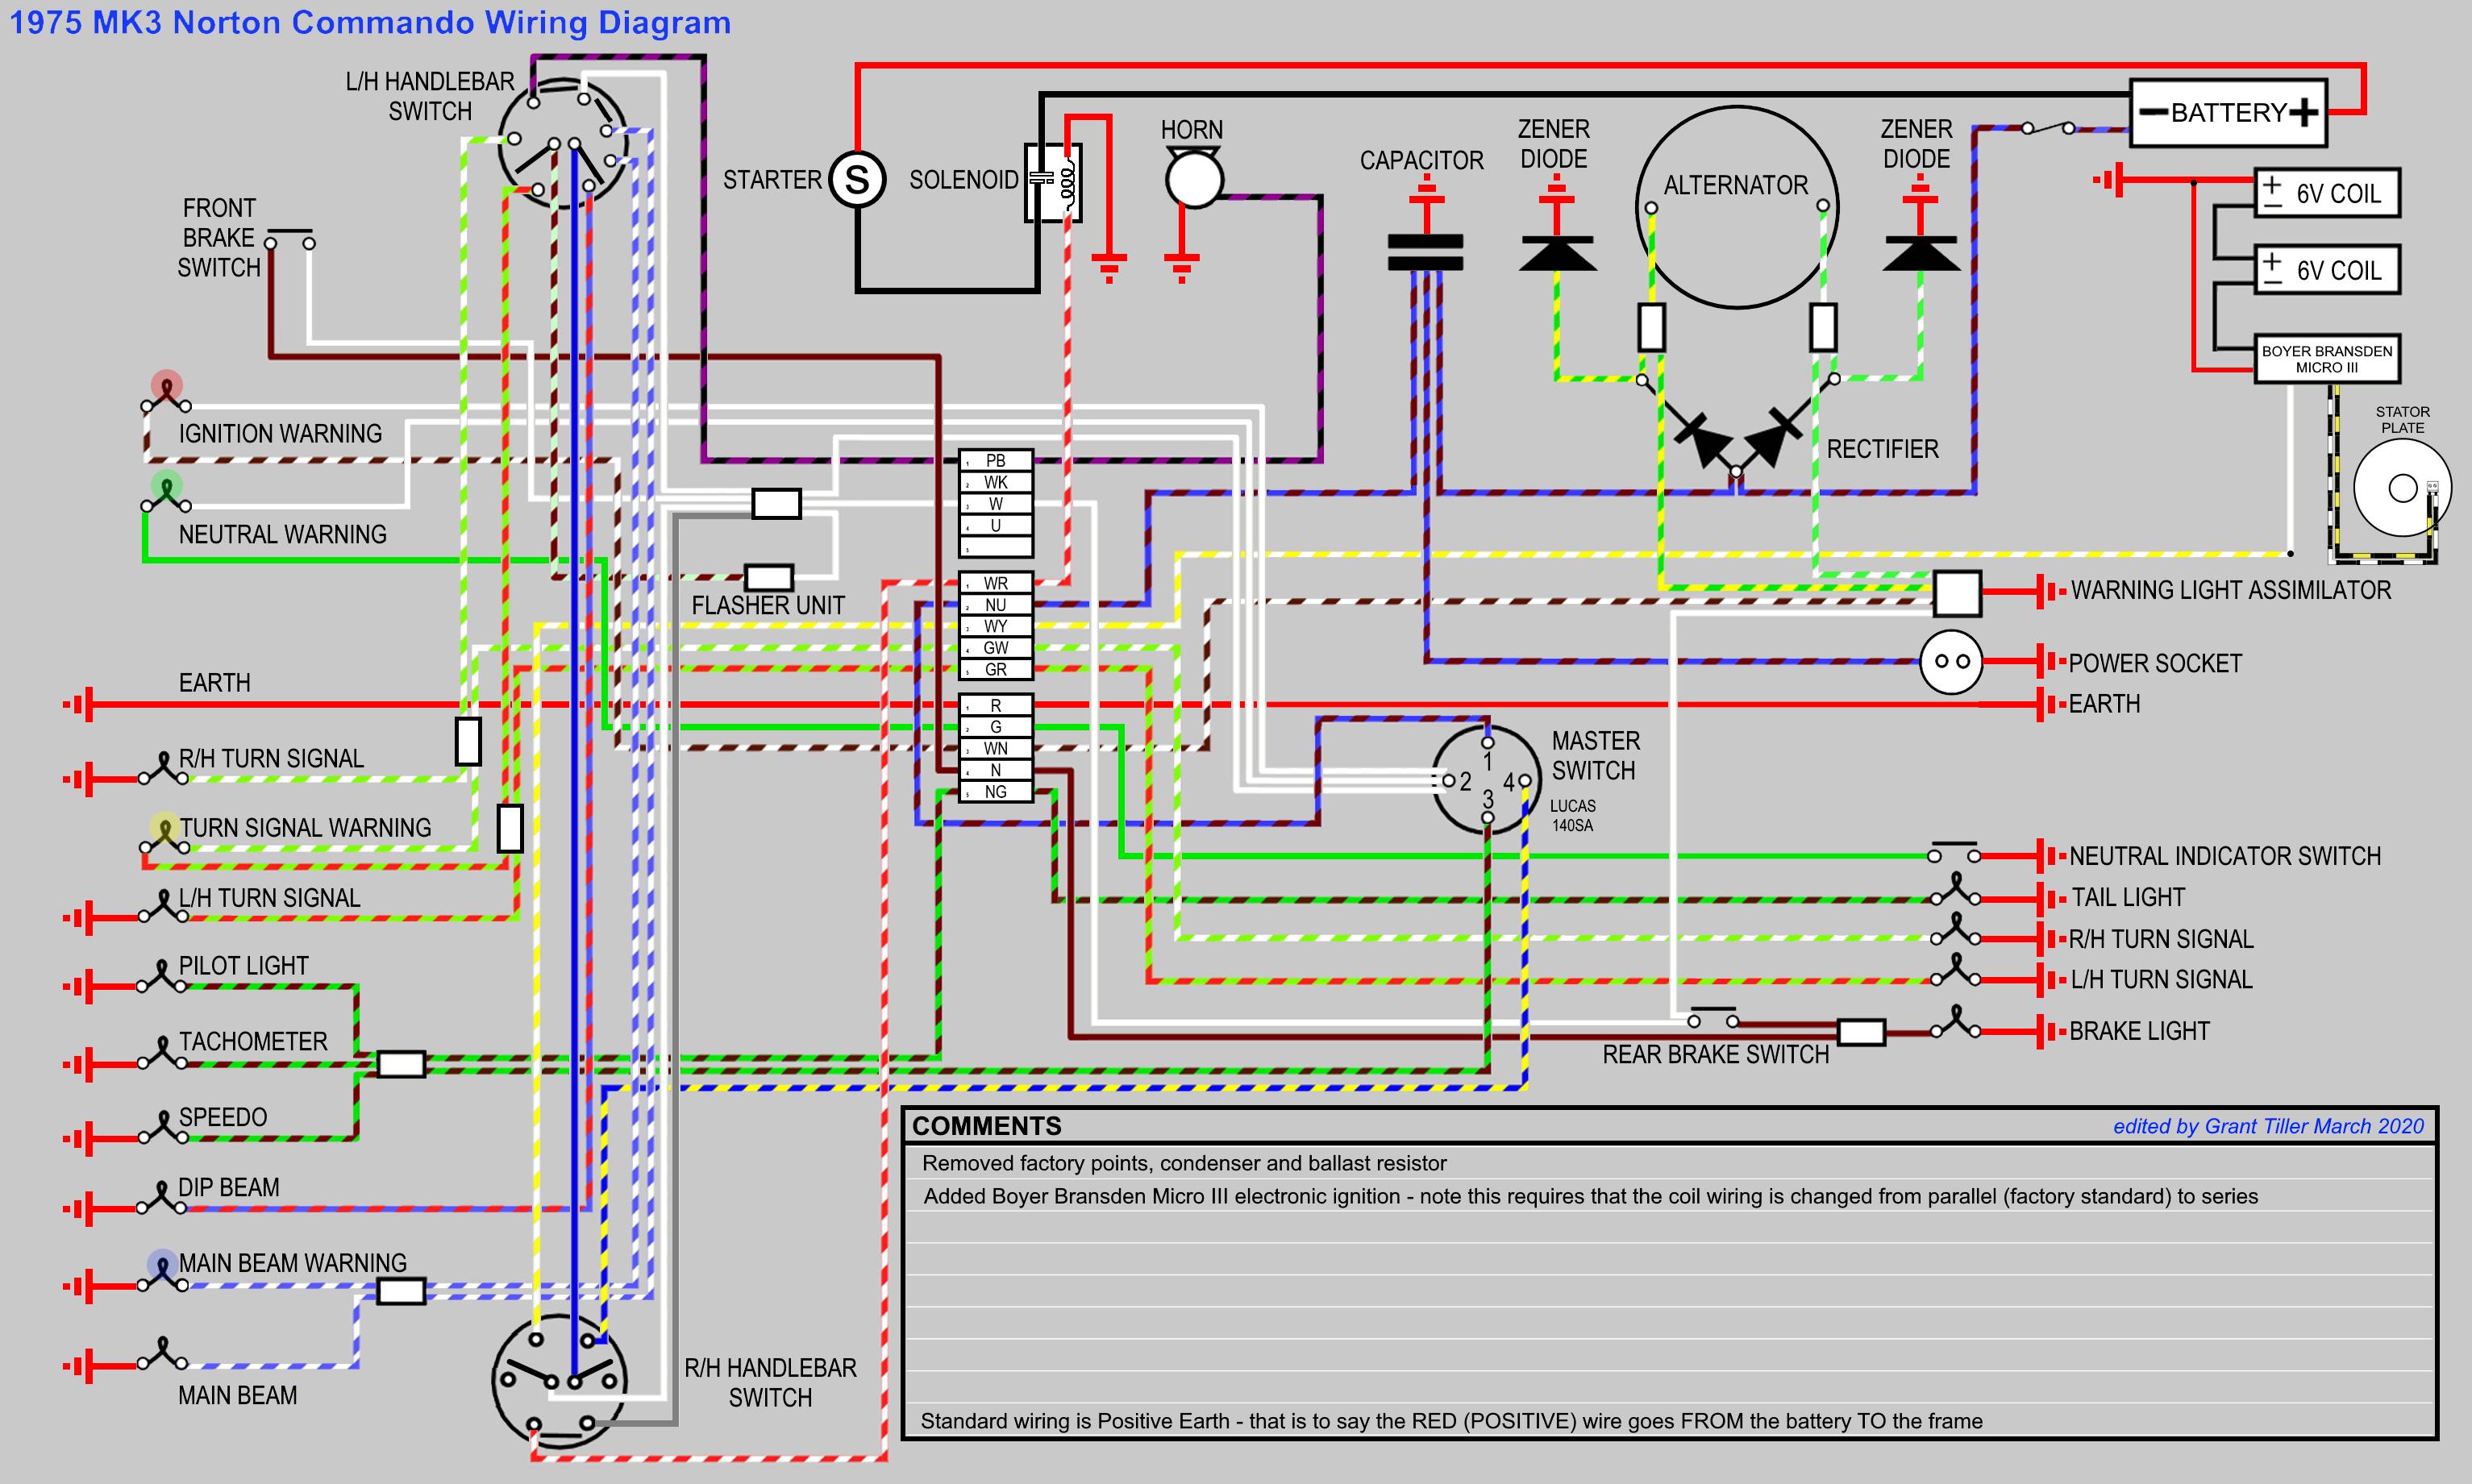 Norton Commando Wiring Diagram   Boyer